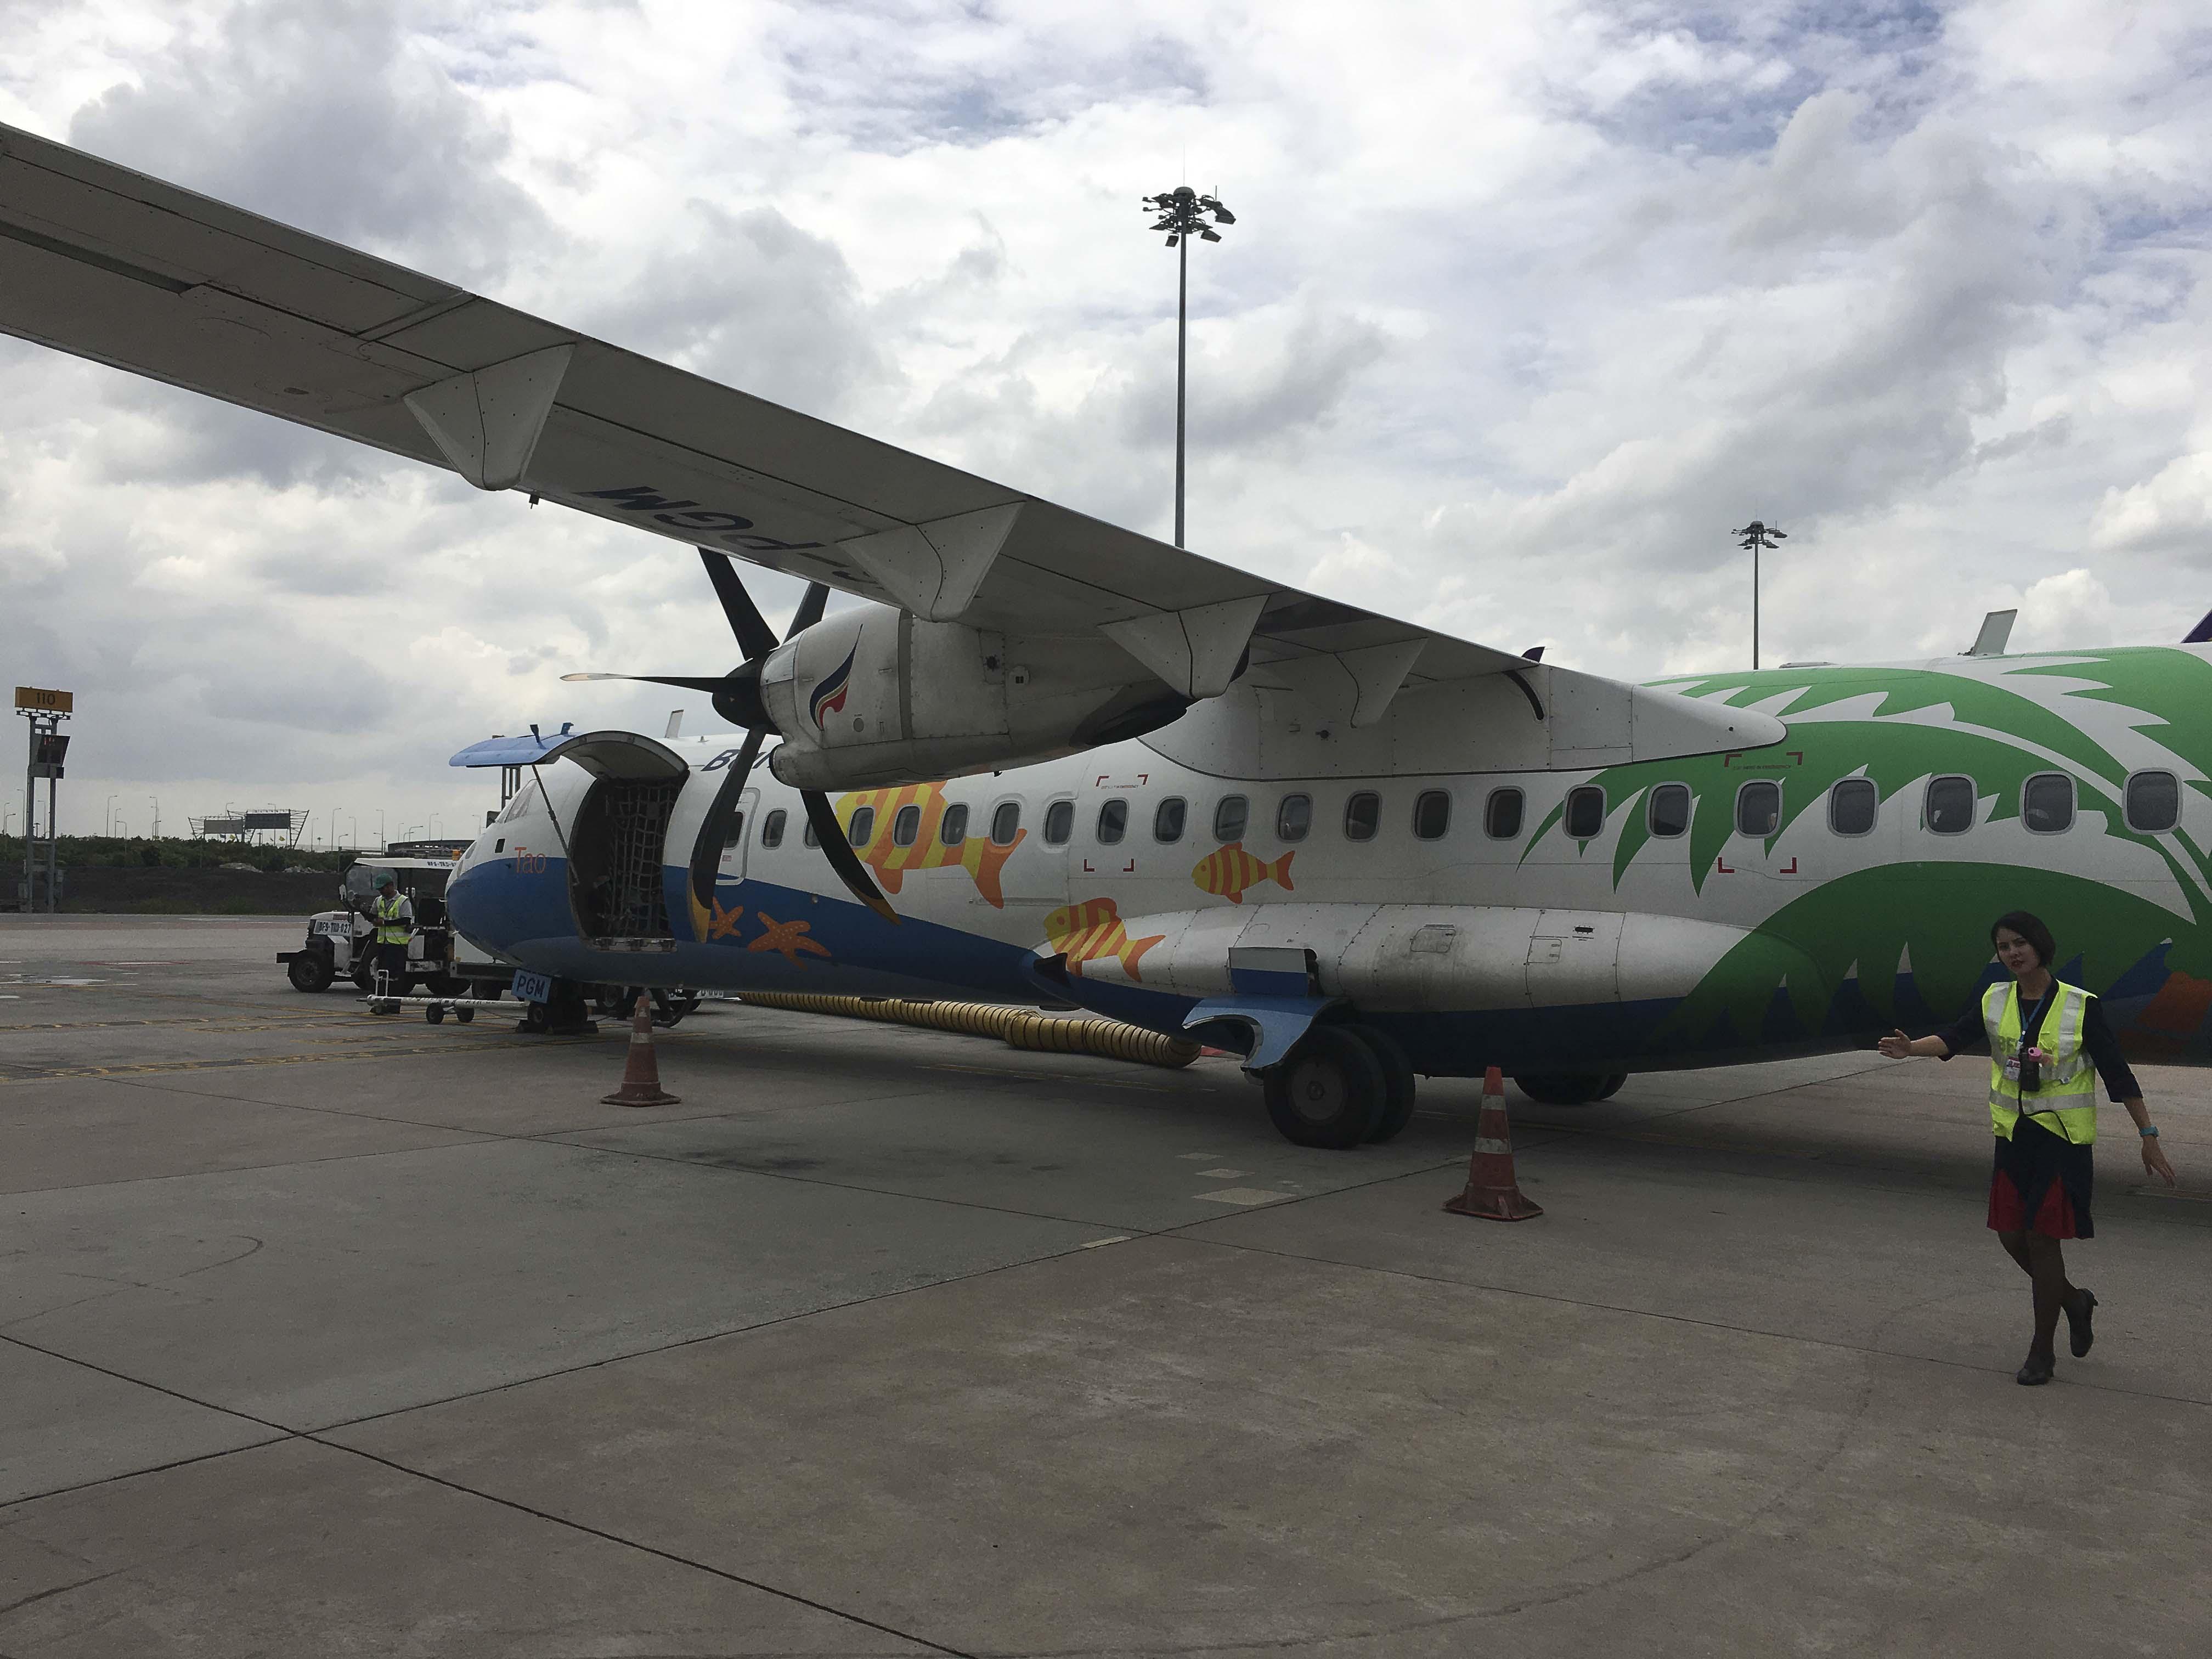 Zuverlässig und robust - mit der guten alten ATR gehts weiter nach Luang Prabang